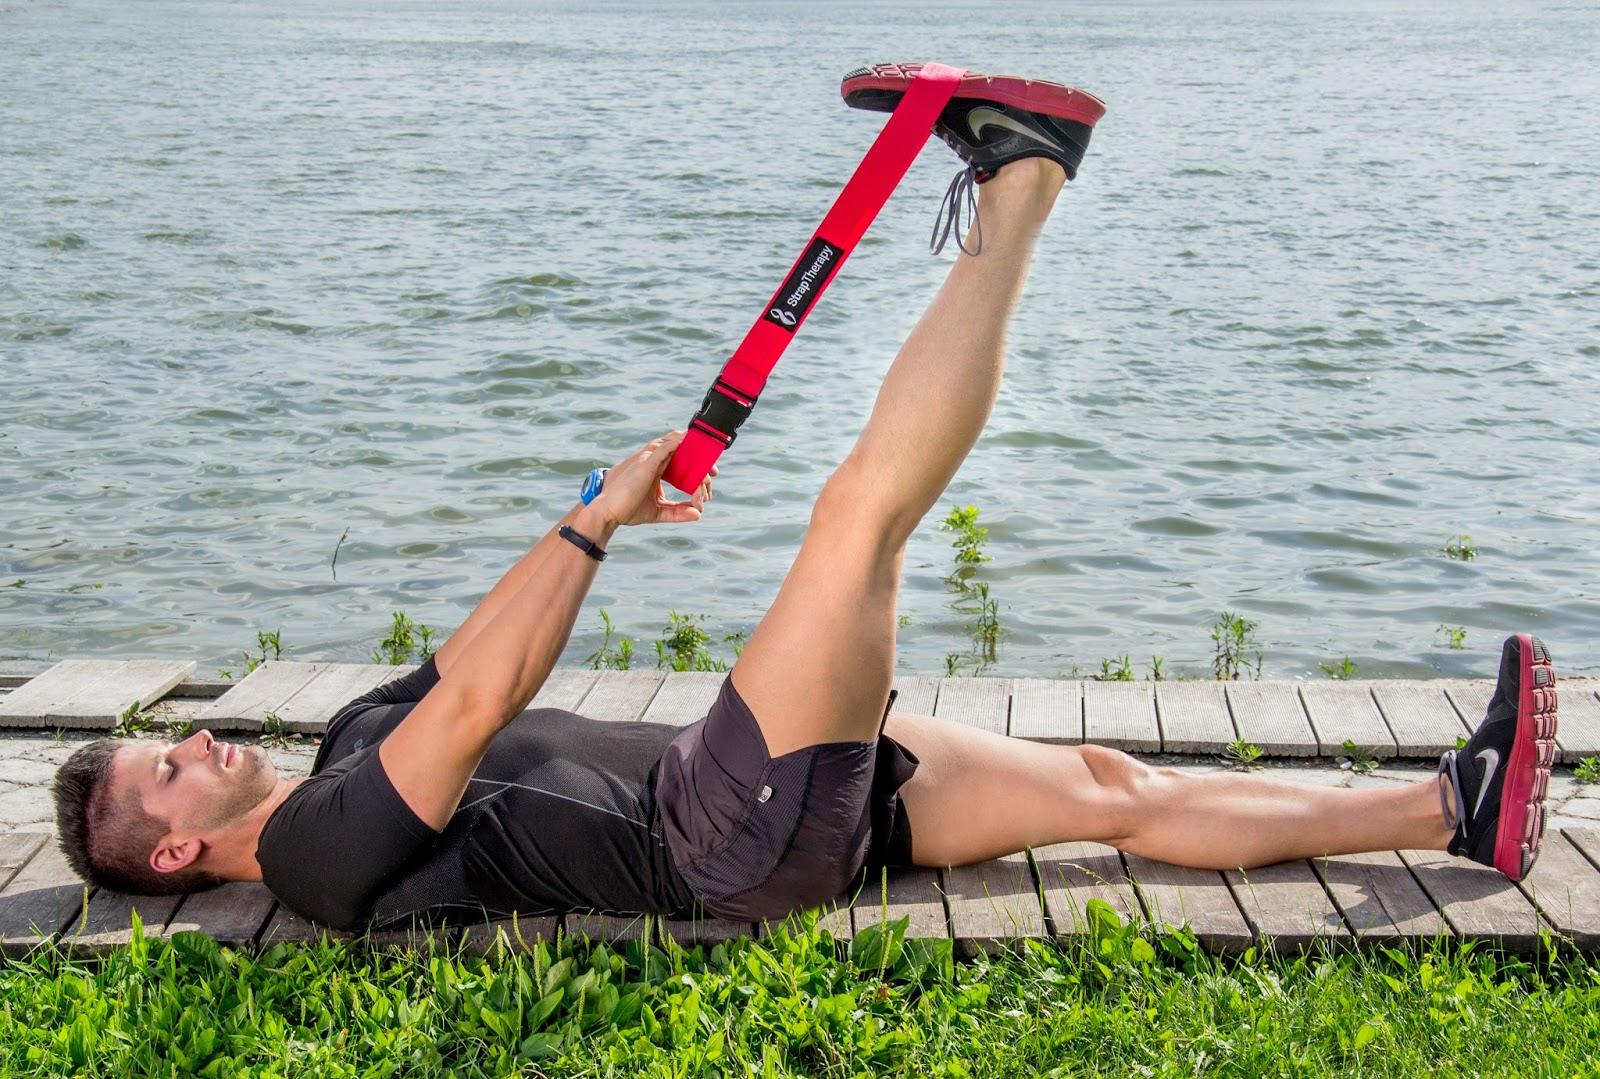 Így kerülhetők el a sportsérülések - Gerinces:blog, a hátoldal